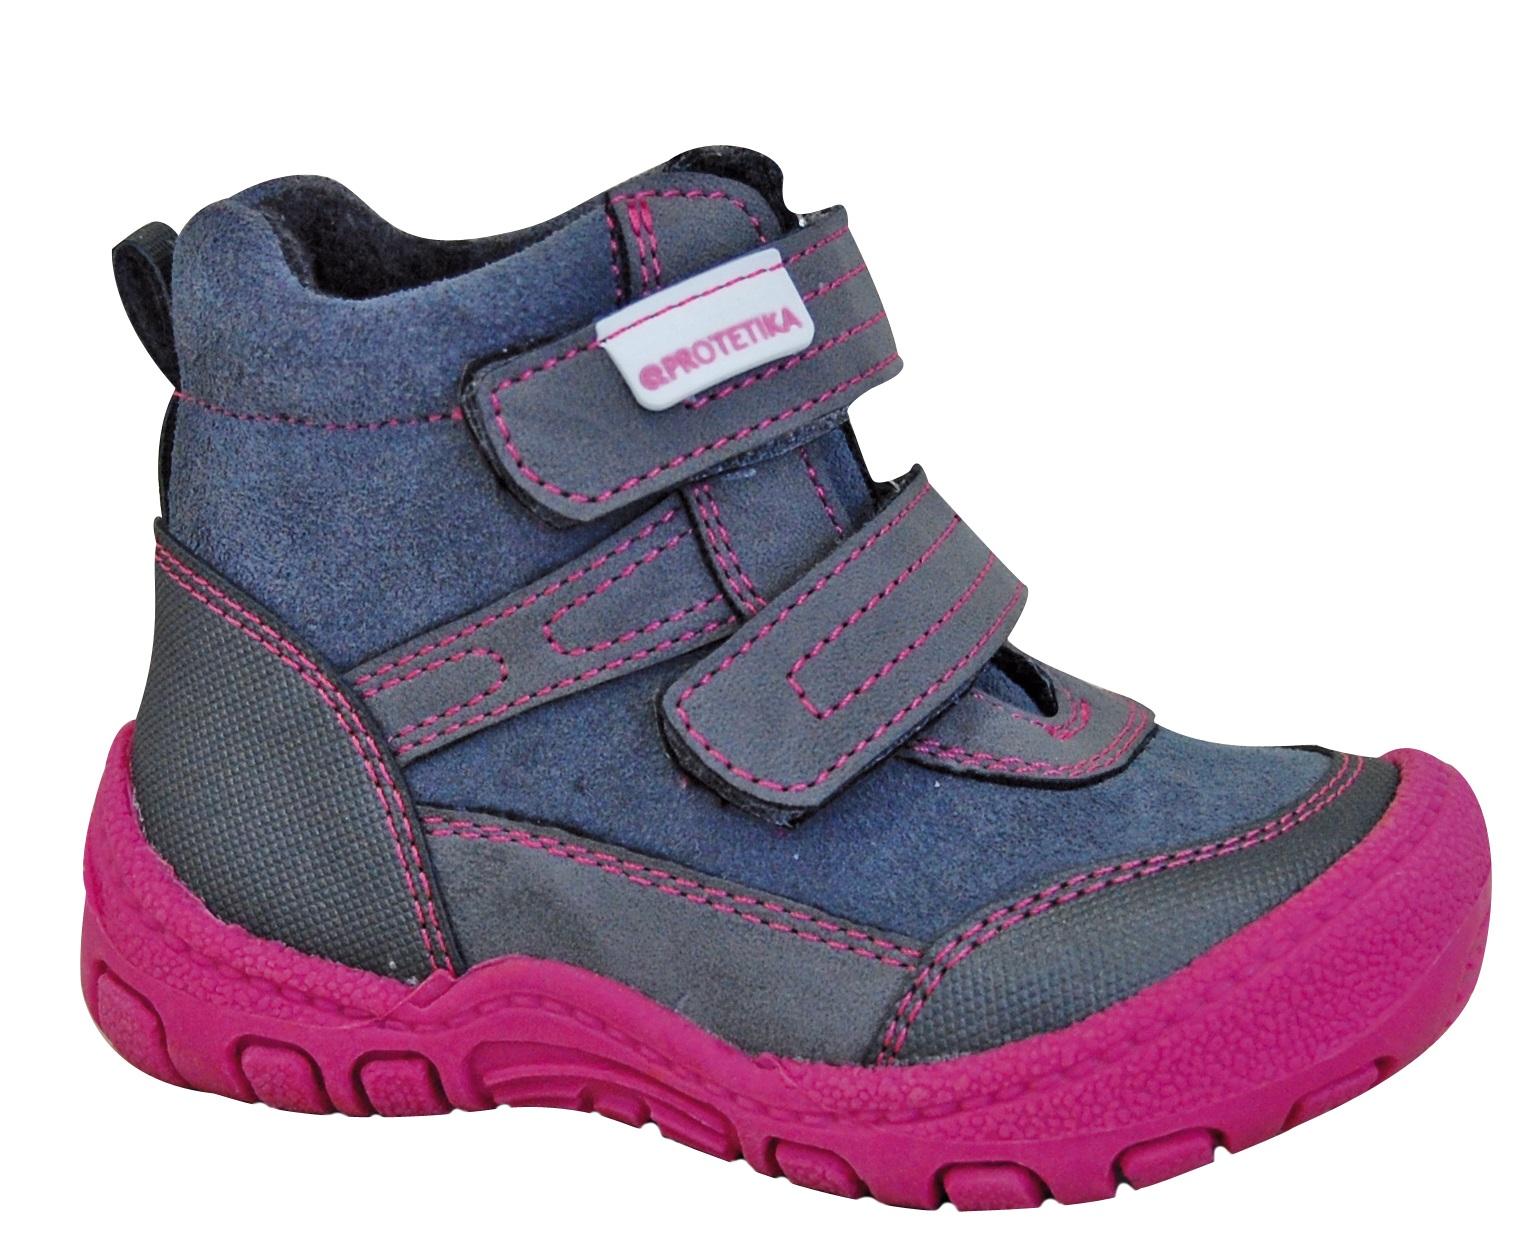 Protetika Dievčenské zimné topánky Mel - šedo-ružové - Glami.sk 577471e6ec1